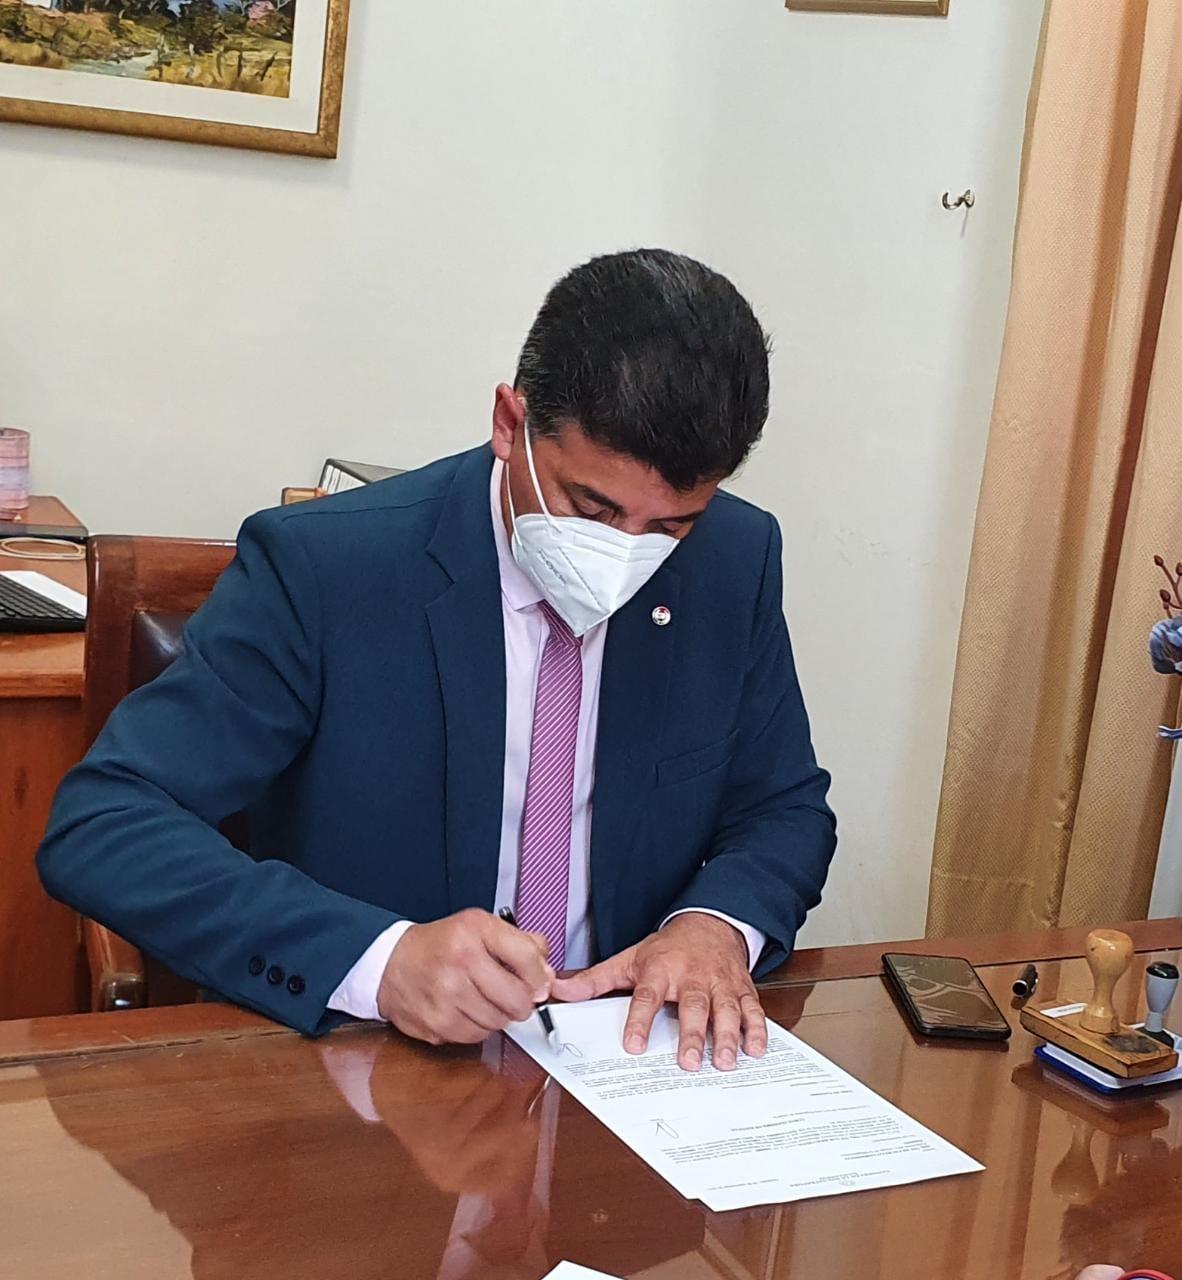 Senador Víctor Ríos oficializando su candidatura. (Foto Francisca Pereira).